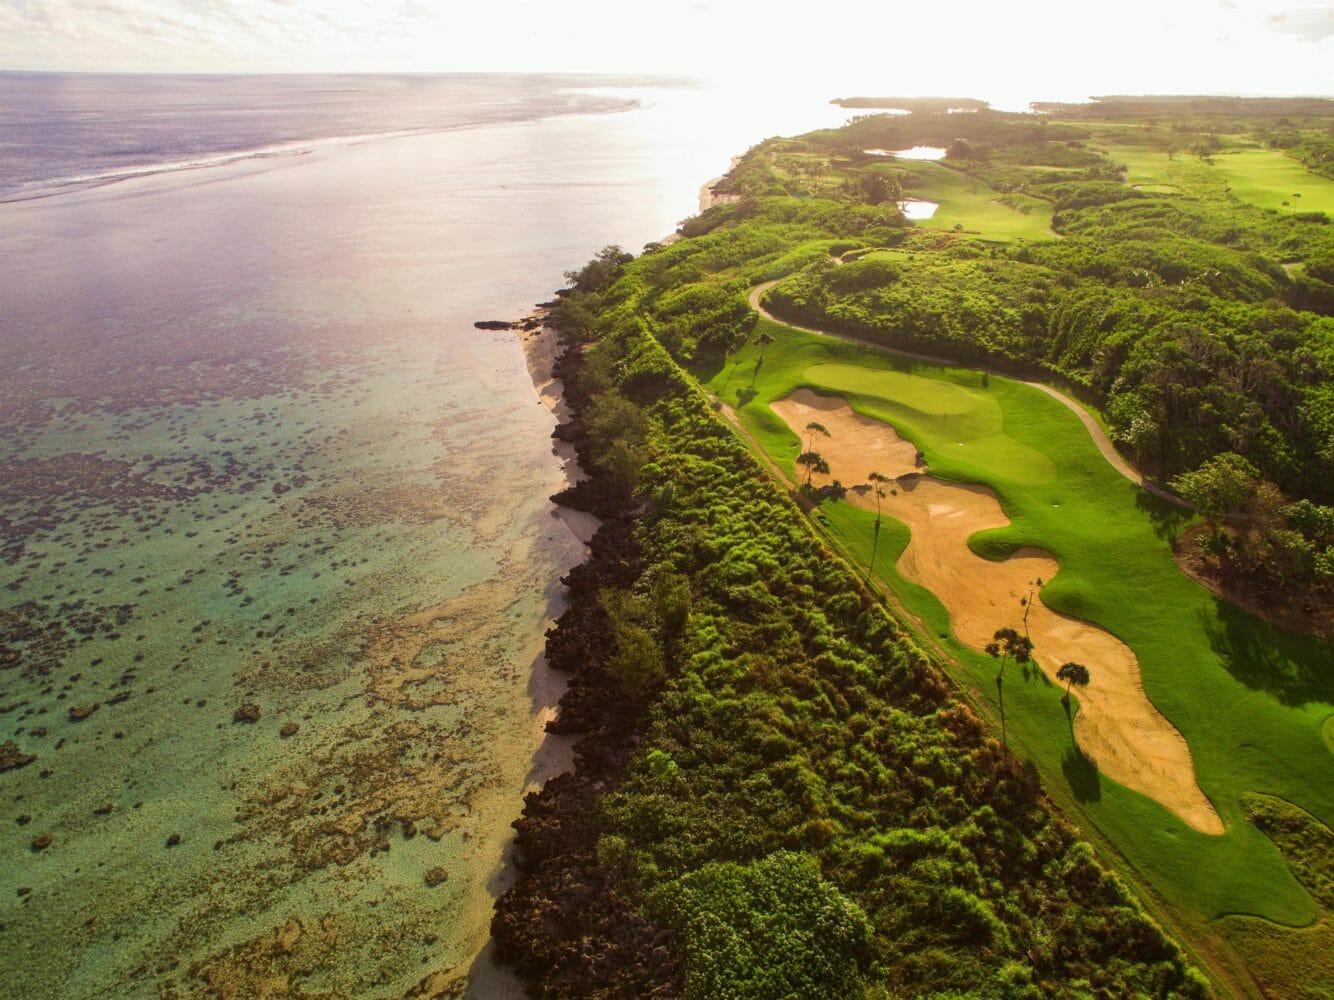 Golf course adjacent to Natadola Bay golf course